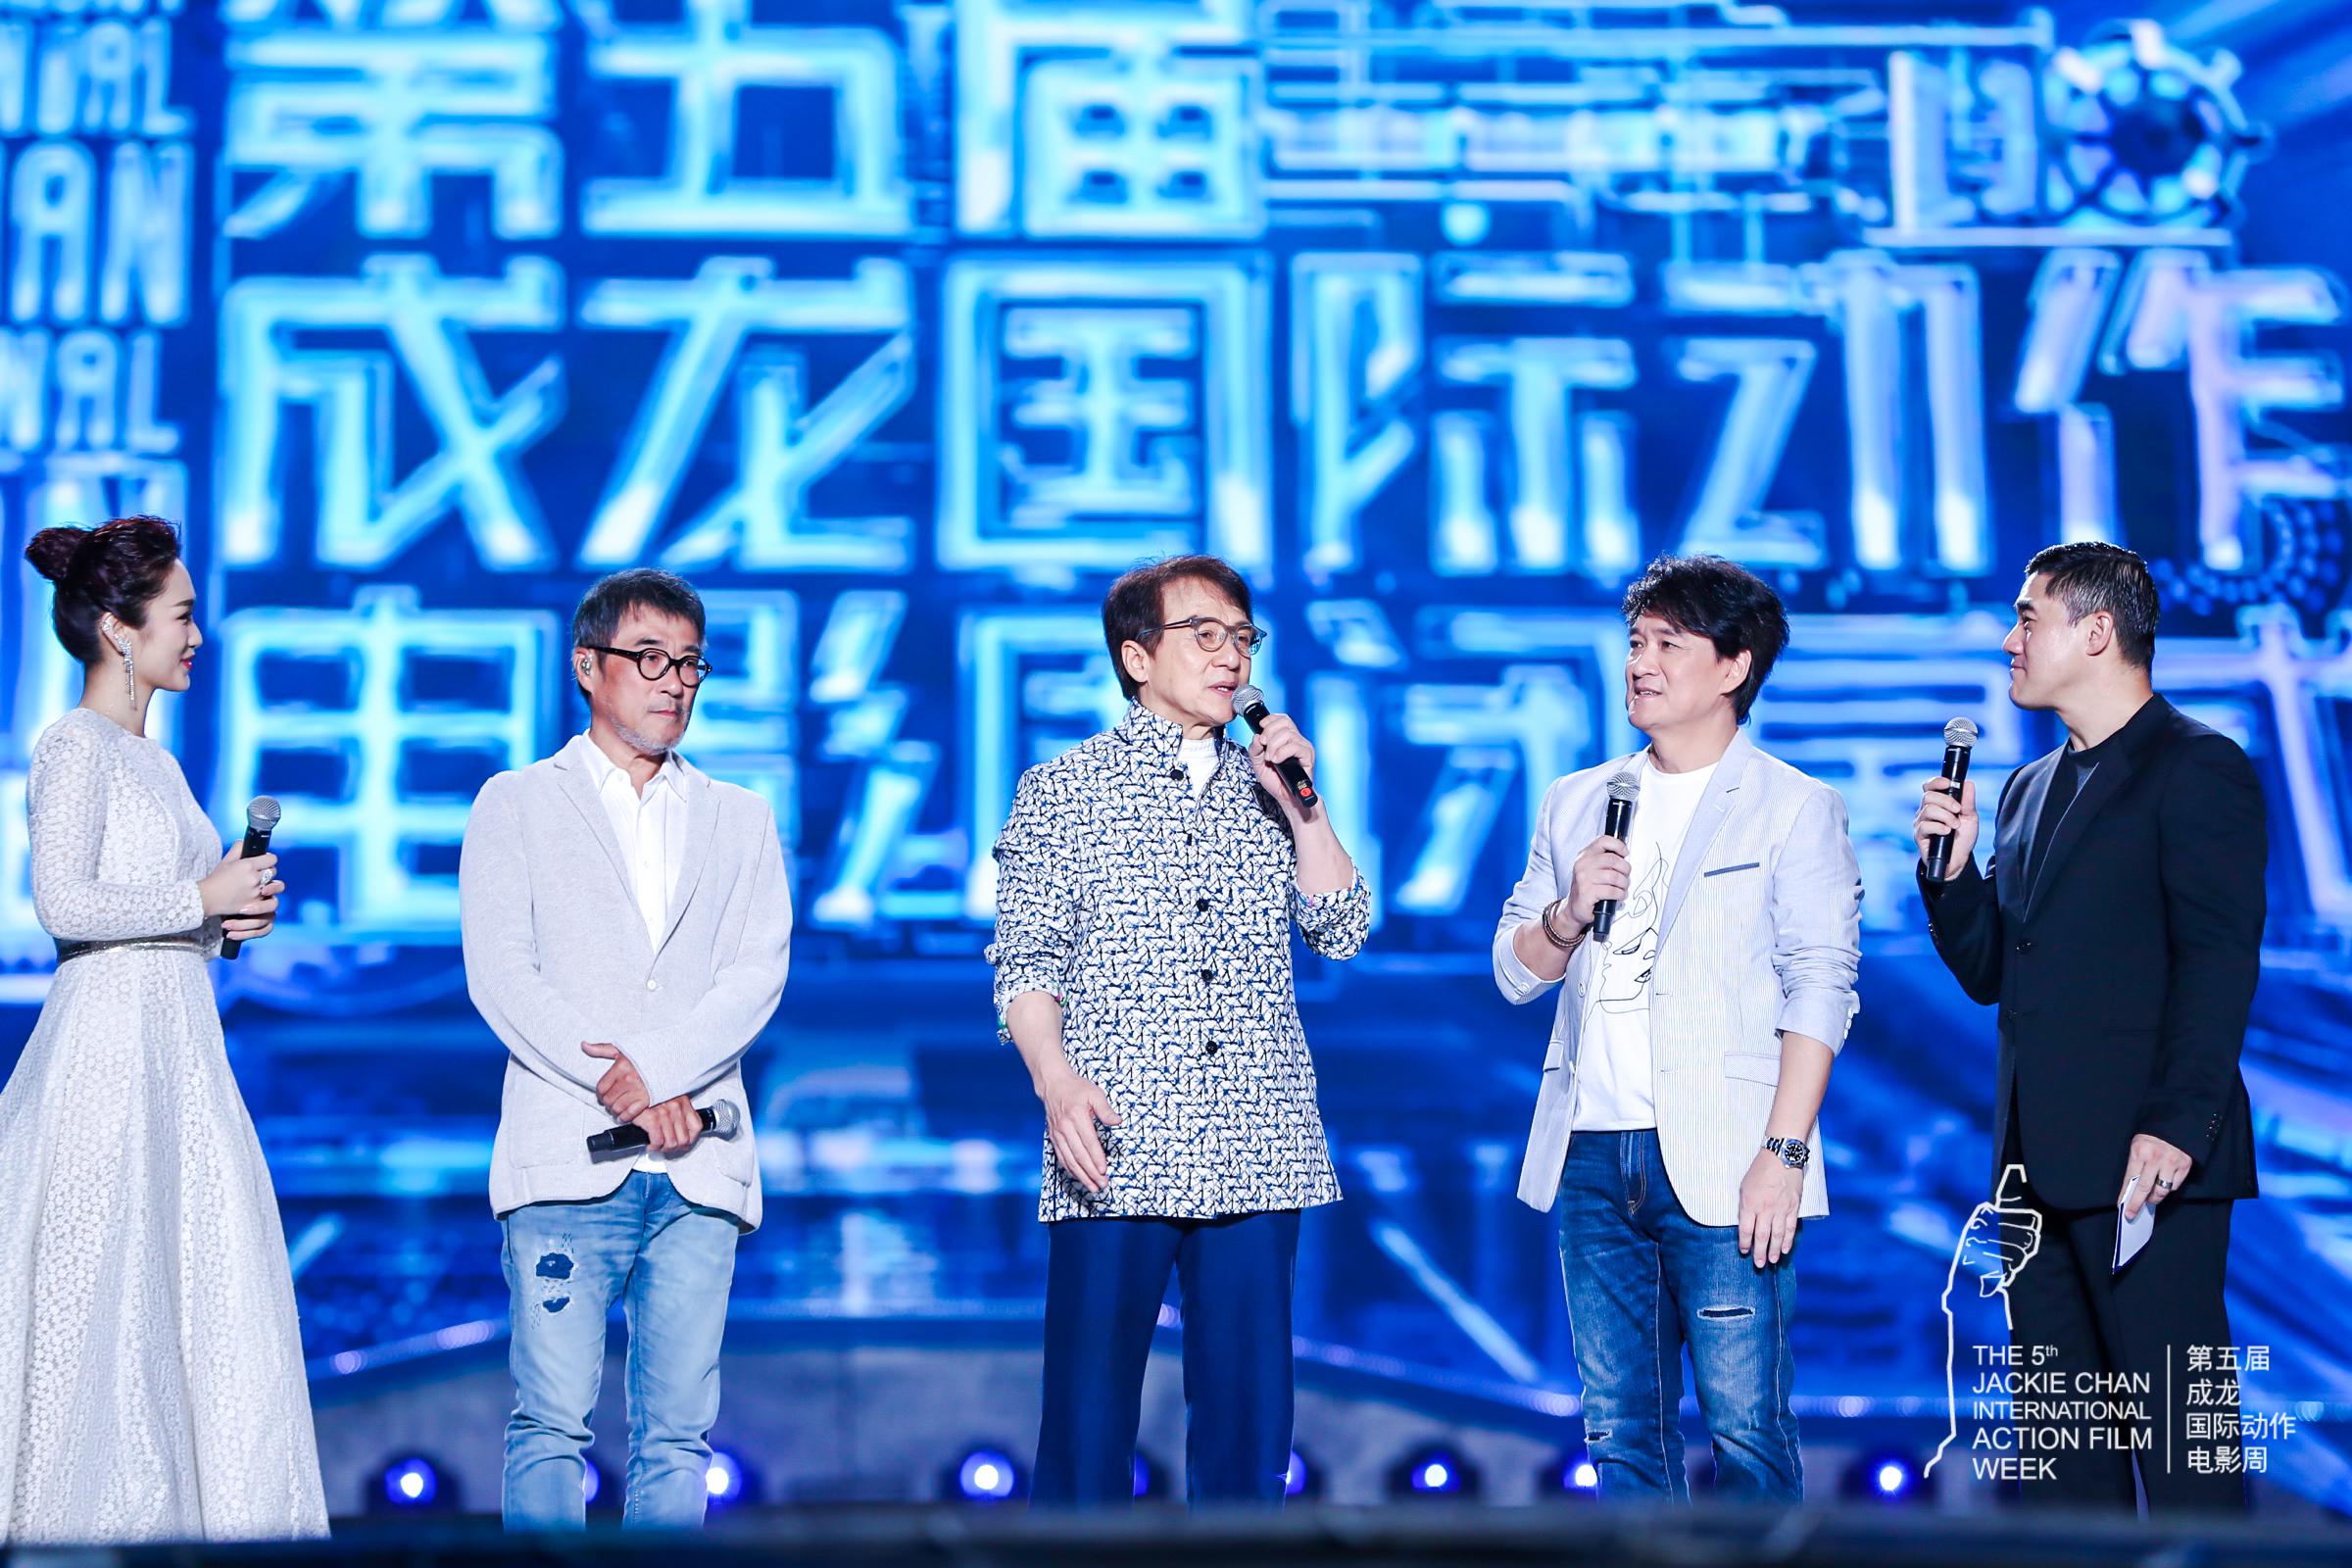 第五届成龙大发棋牌APP下载动作电影周闭幕 中国故事传递钢铁人表彰揭晓